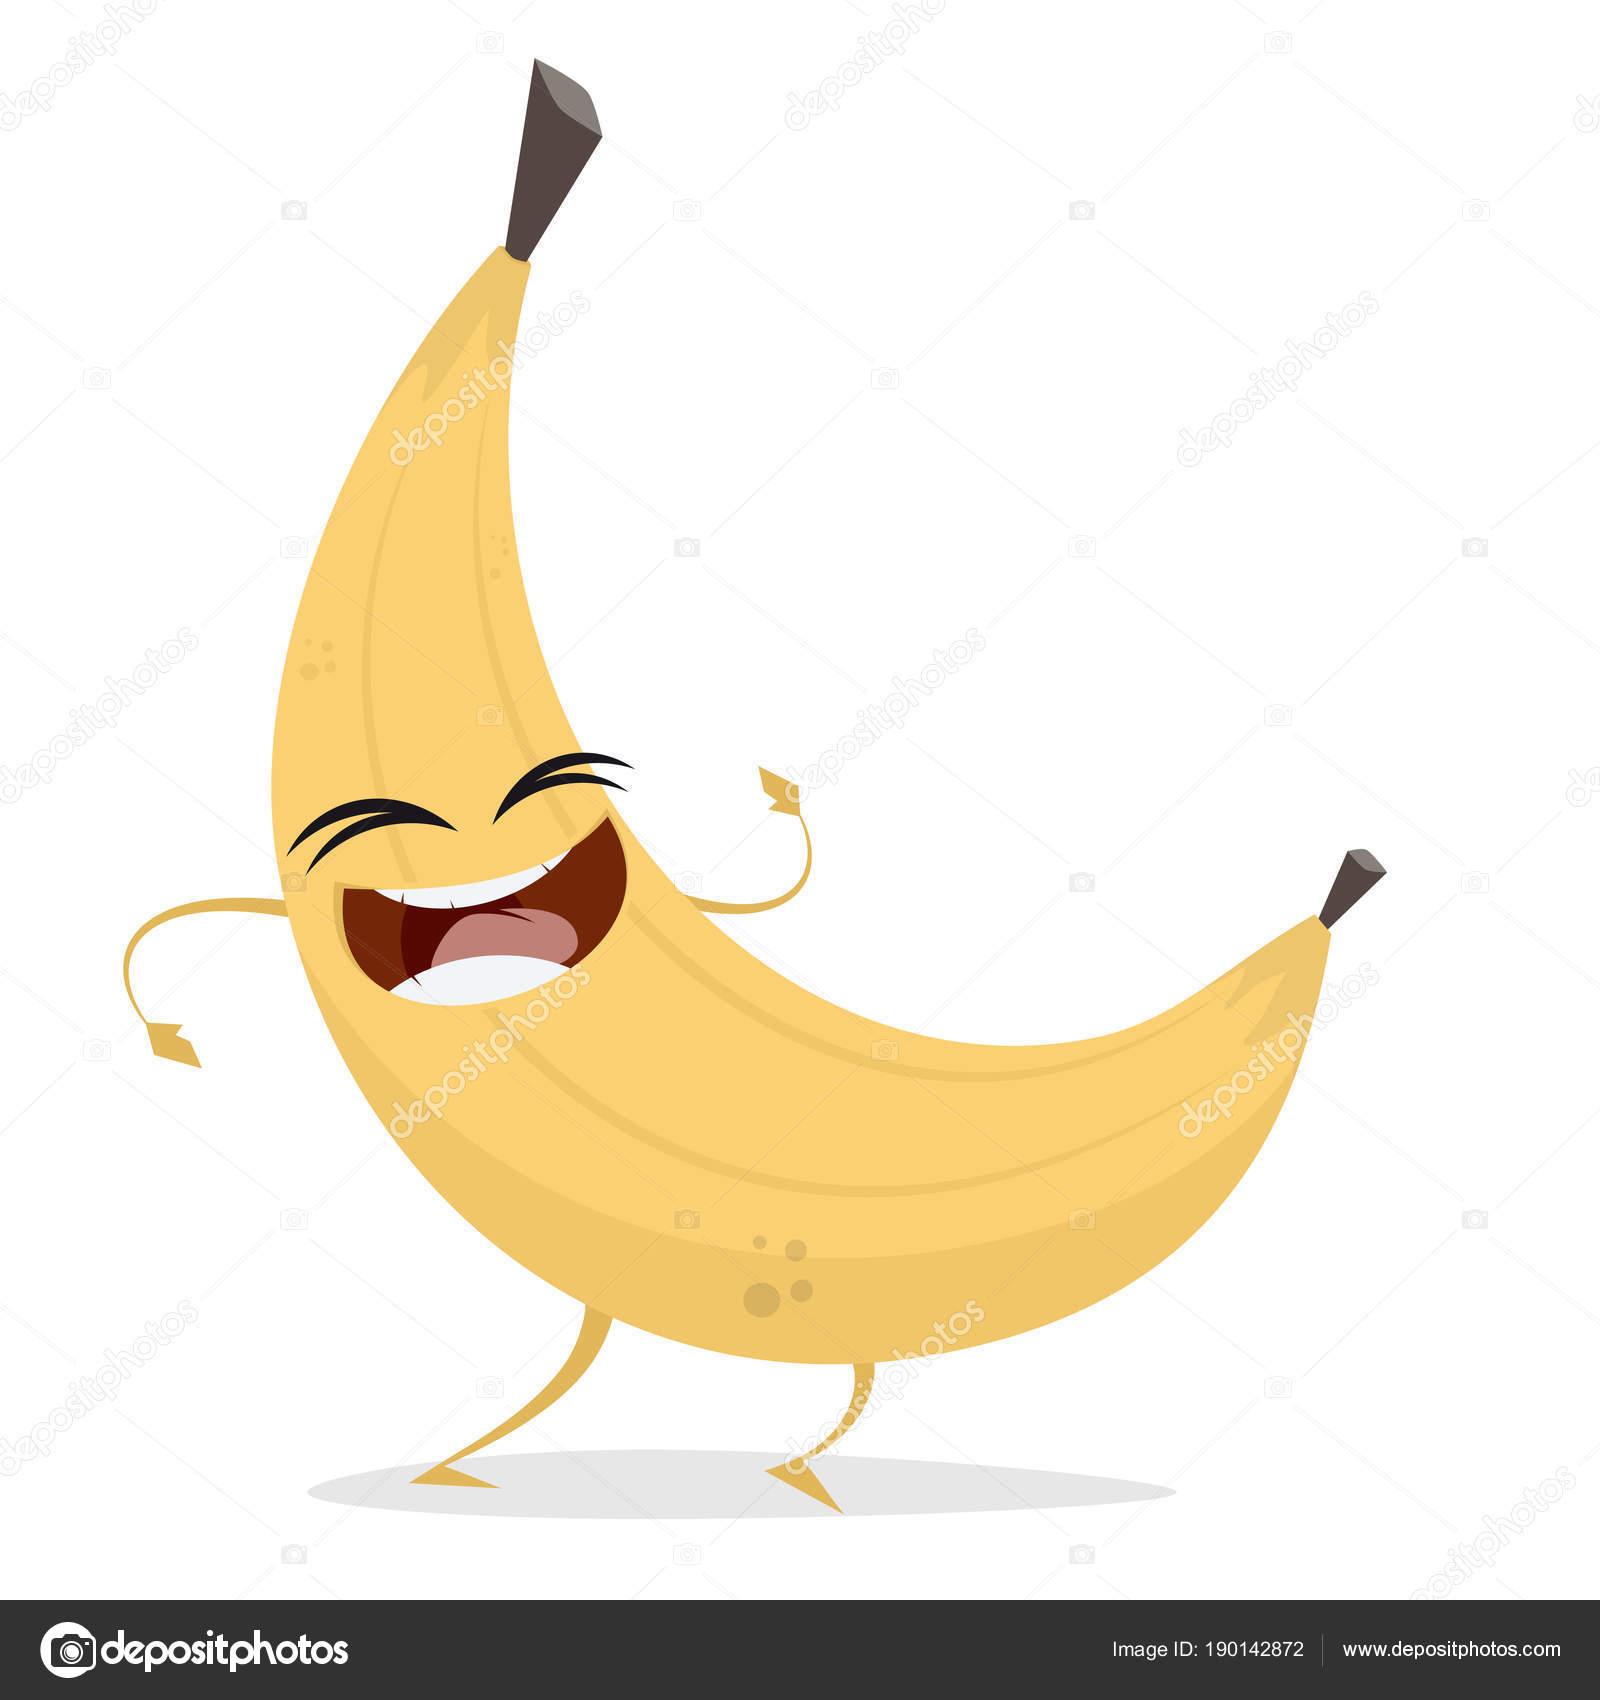 Frau im liegestuhl clipart  Clipart Einer Glücklich Banane — Stockvektor © shockfactor.de #190142872